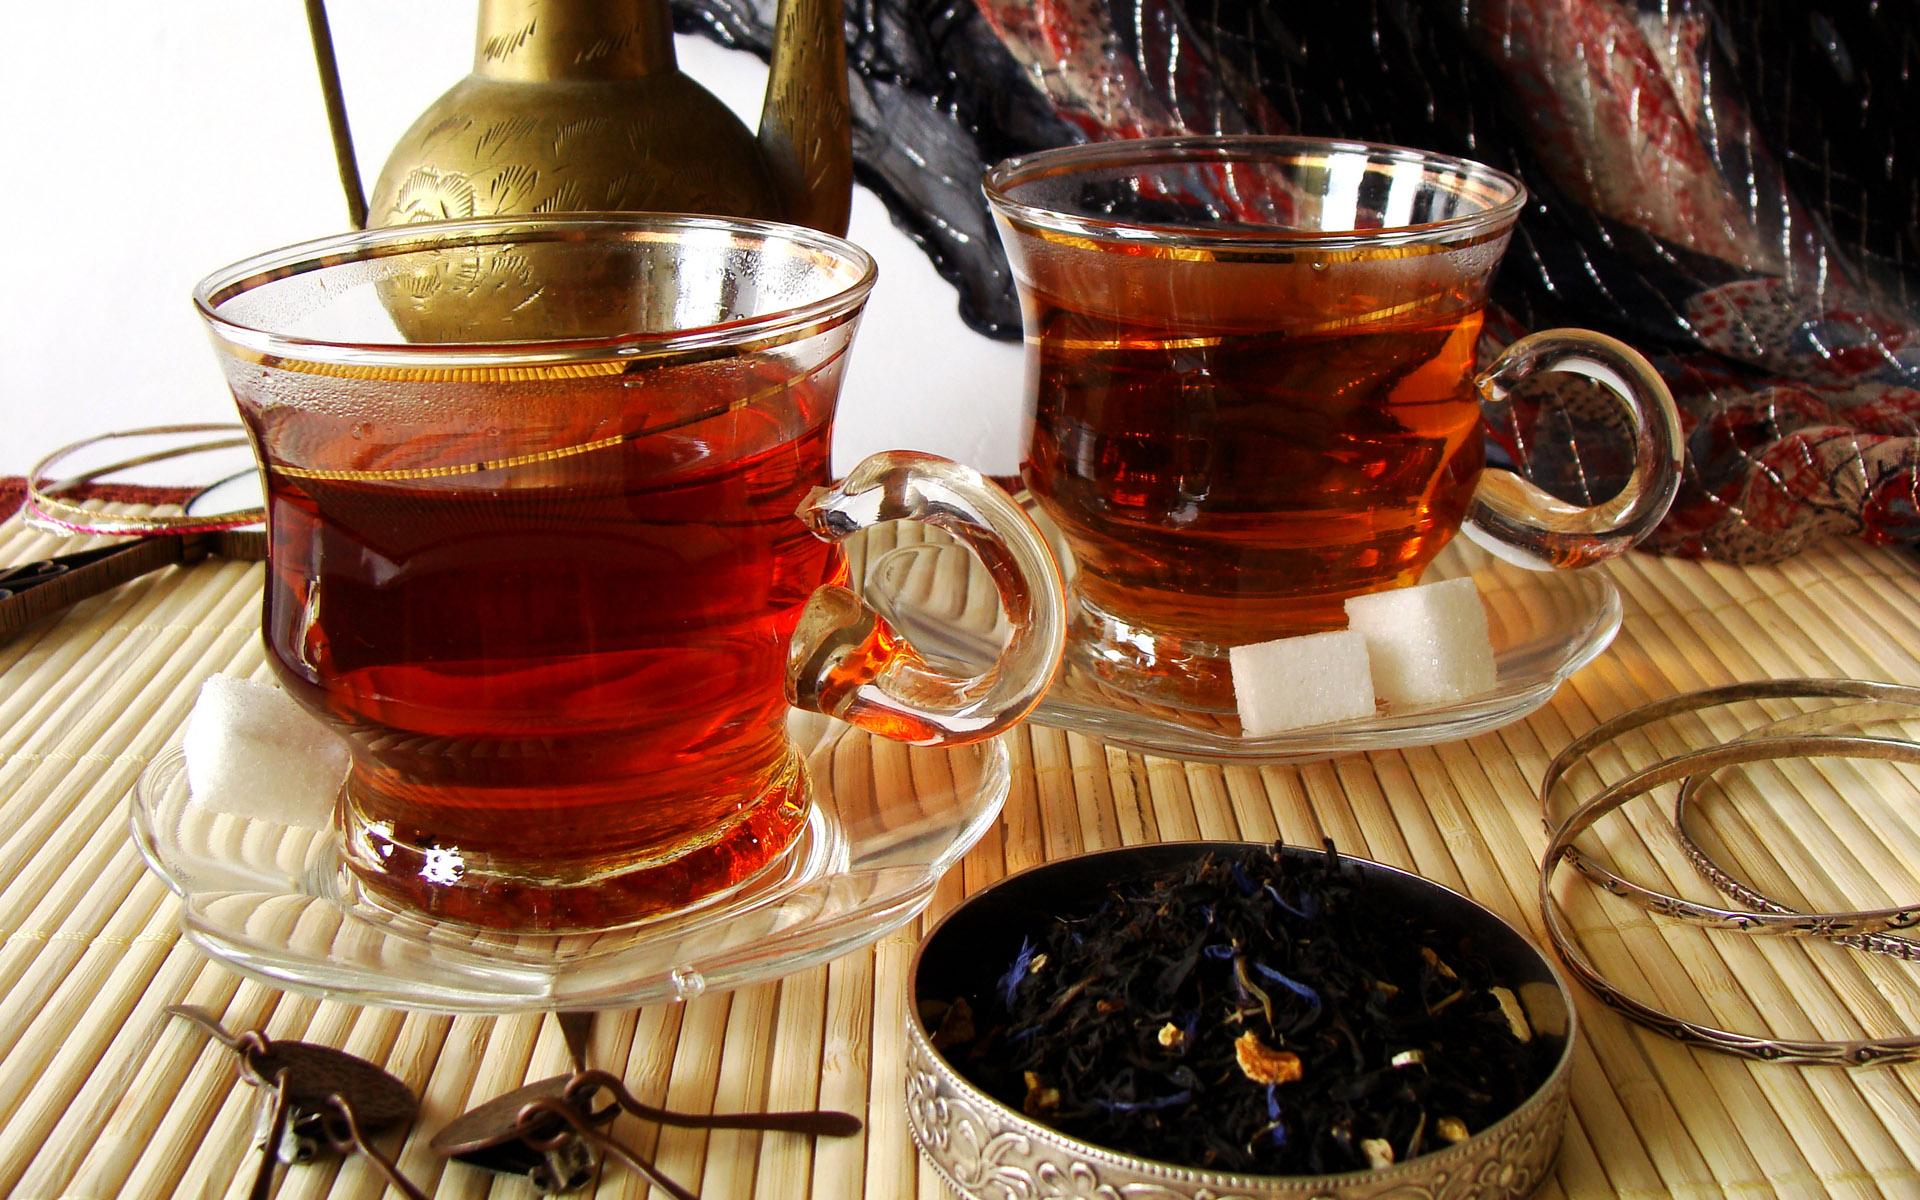 чай, кружки, чашки